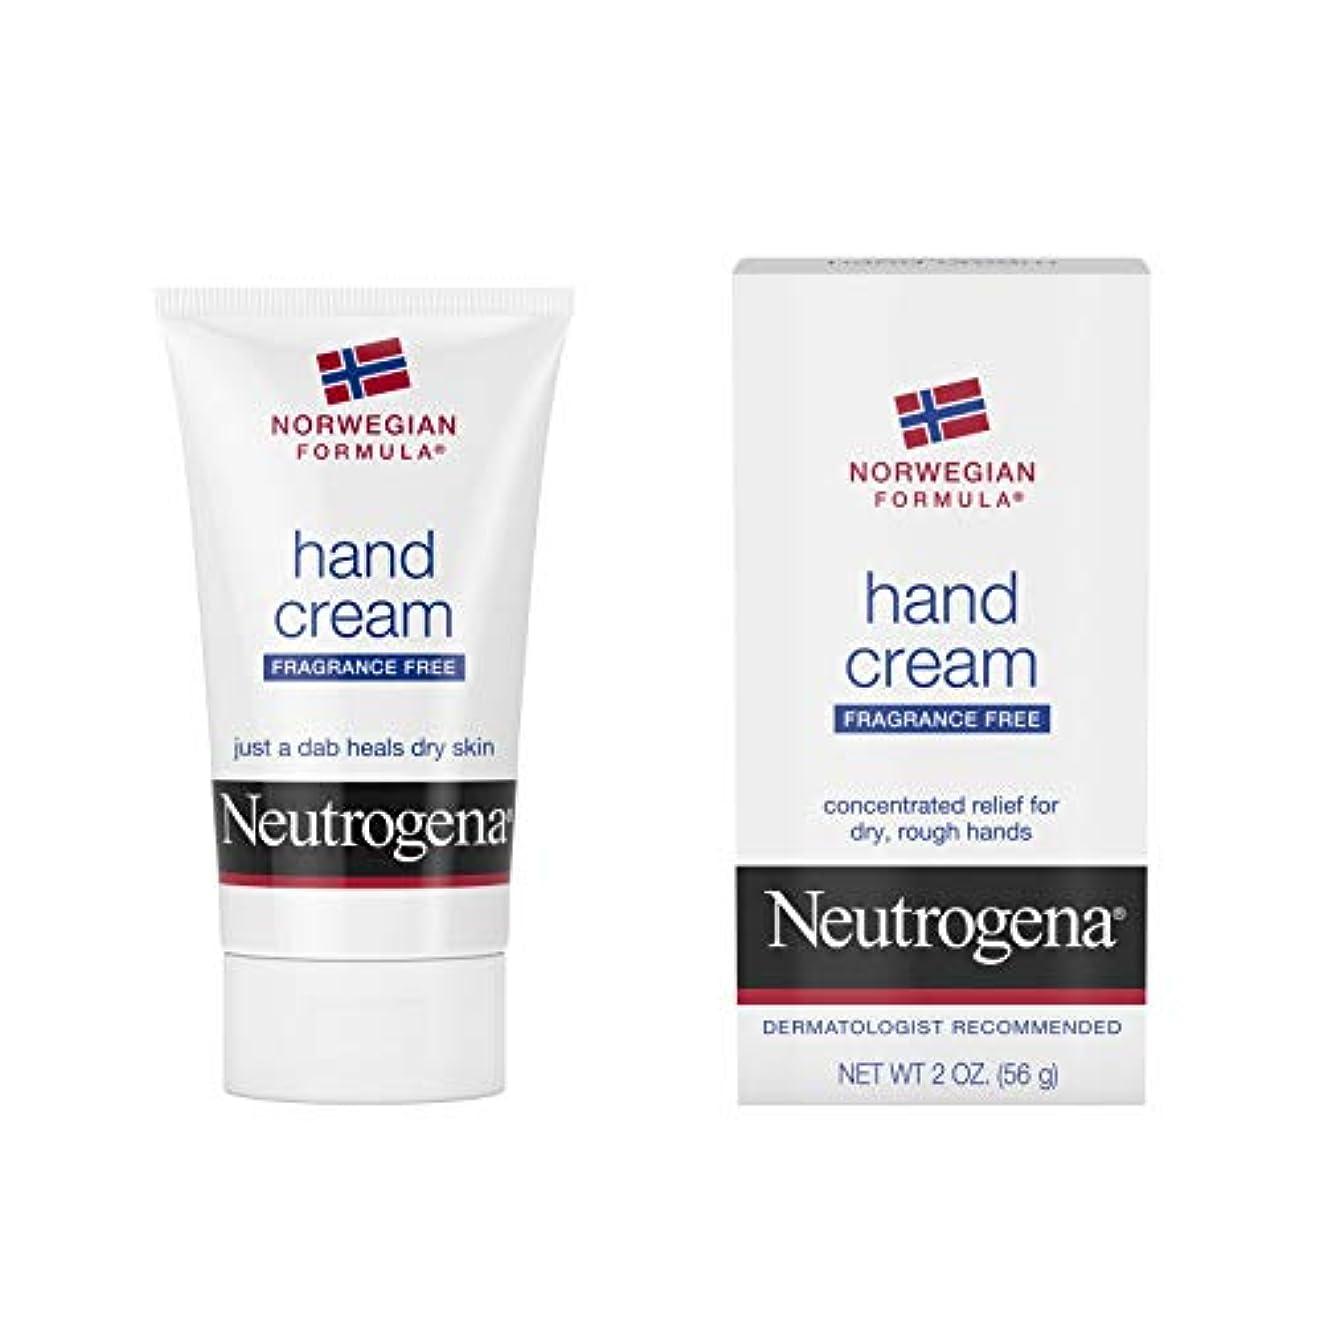 余計な汚物彼自身Neutrogena Norwegian Formula Hand Cream Fragrance-Free 60 ml (並行輸入品)